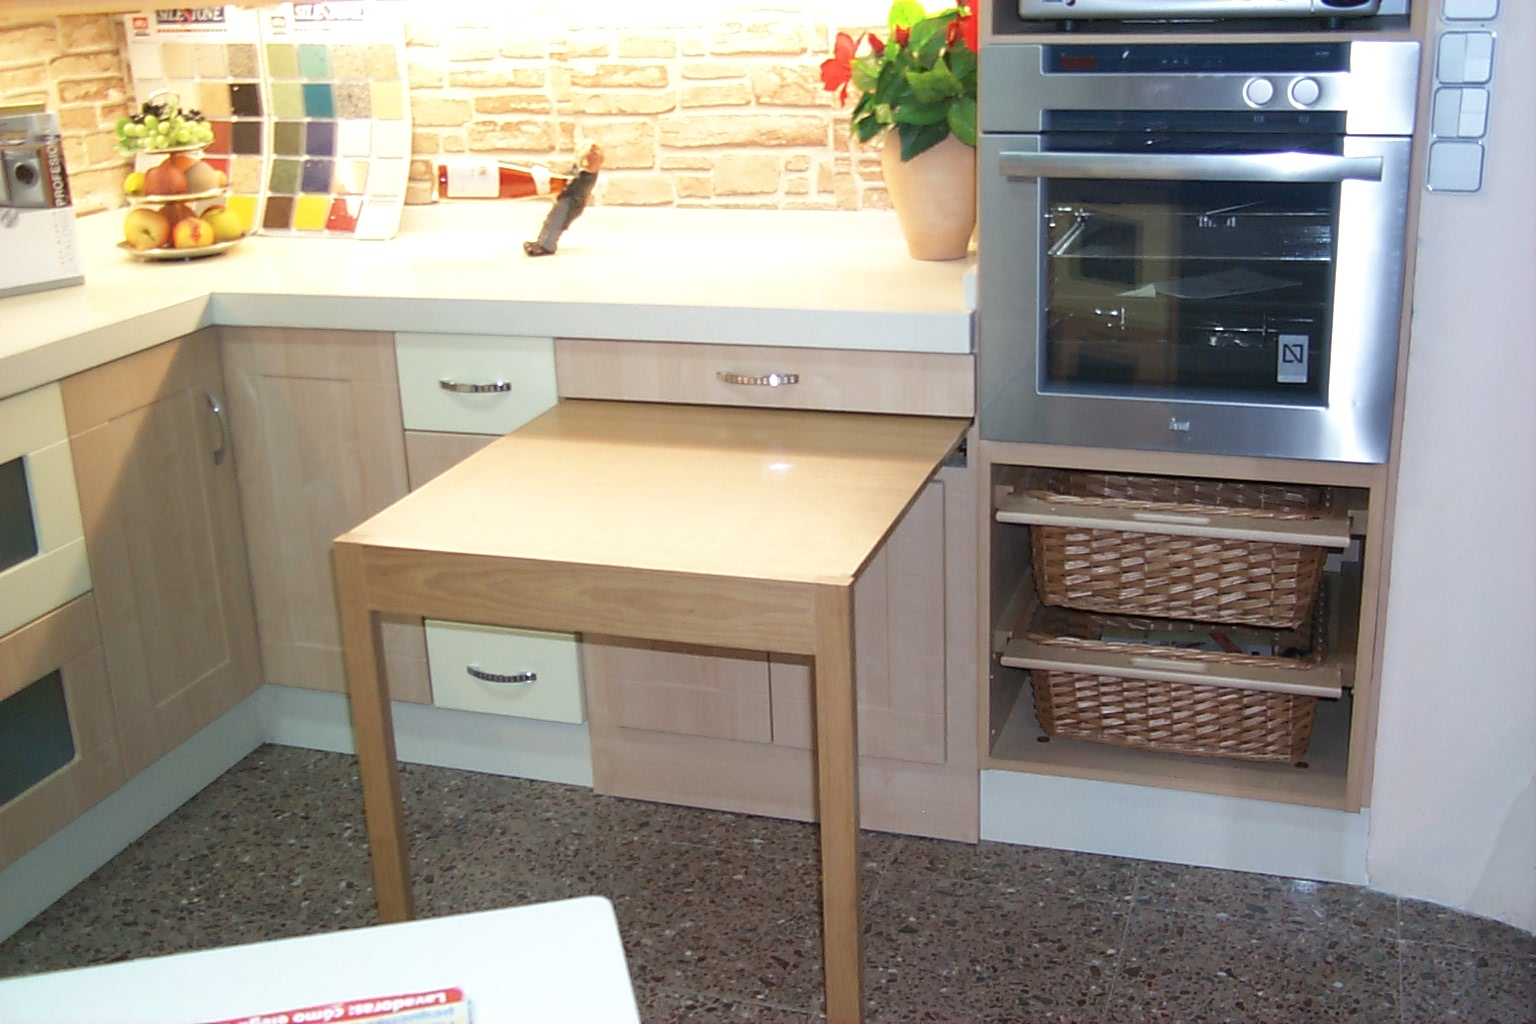 Mesa de cocina extraible induaho induaho for Mesas de cocina zaragoza